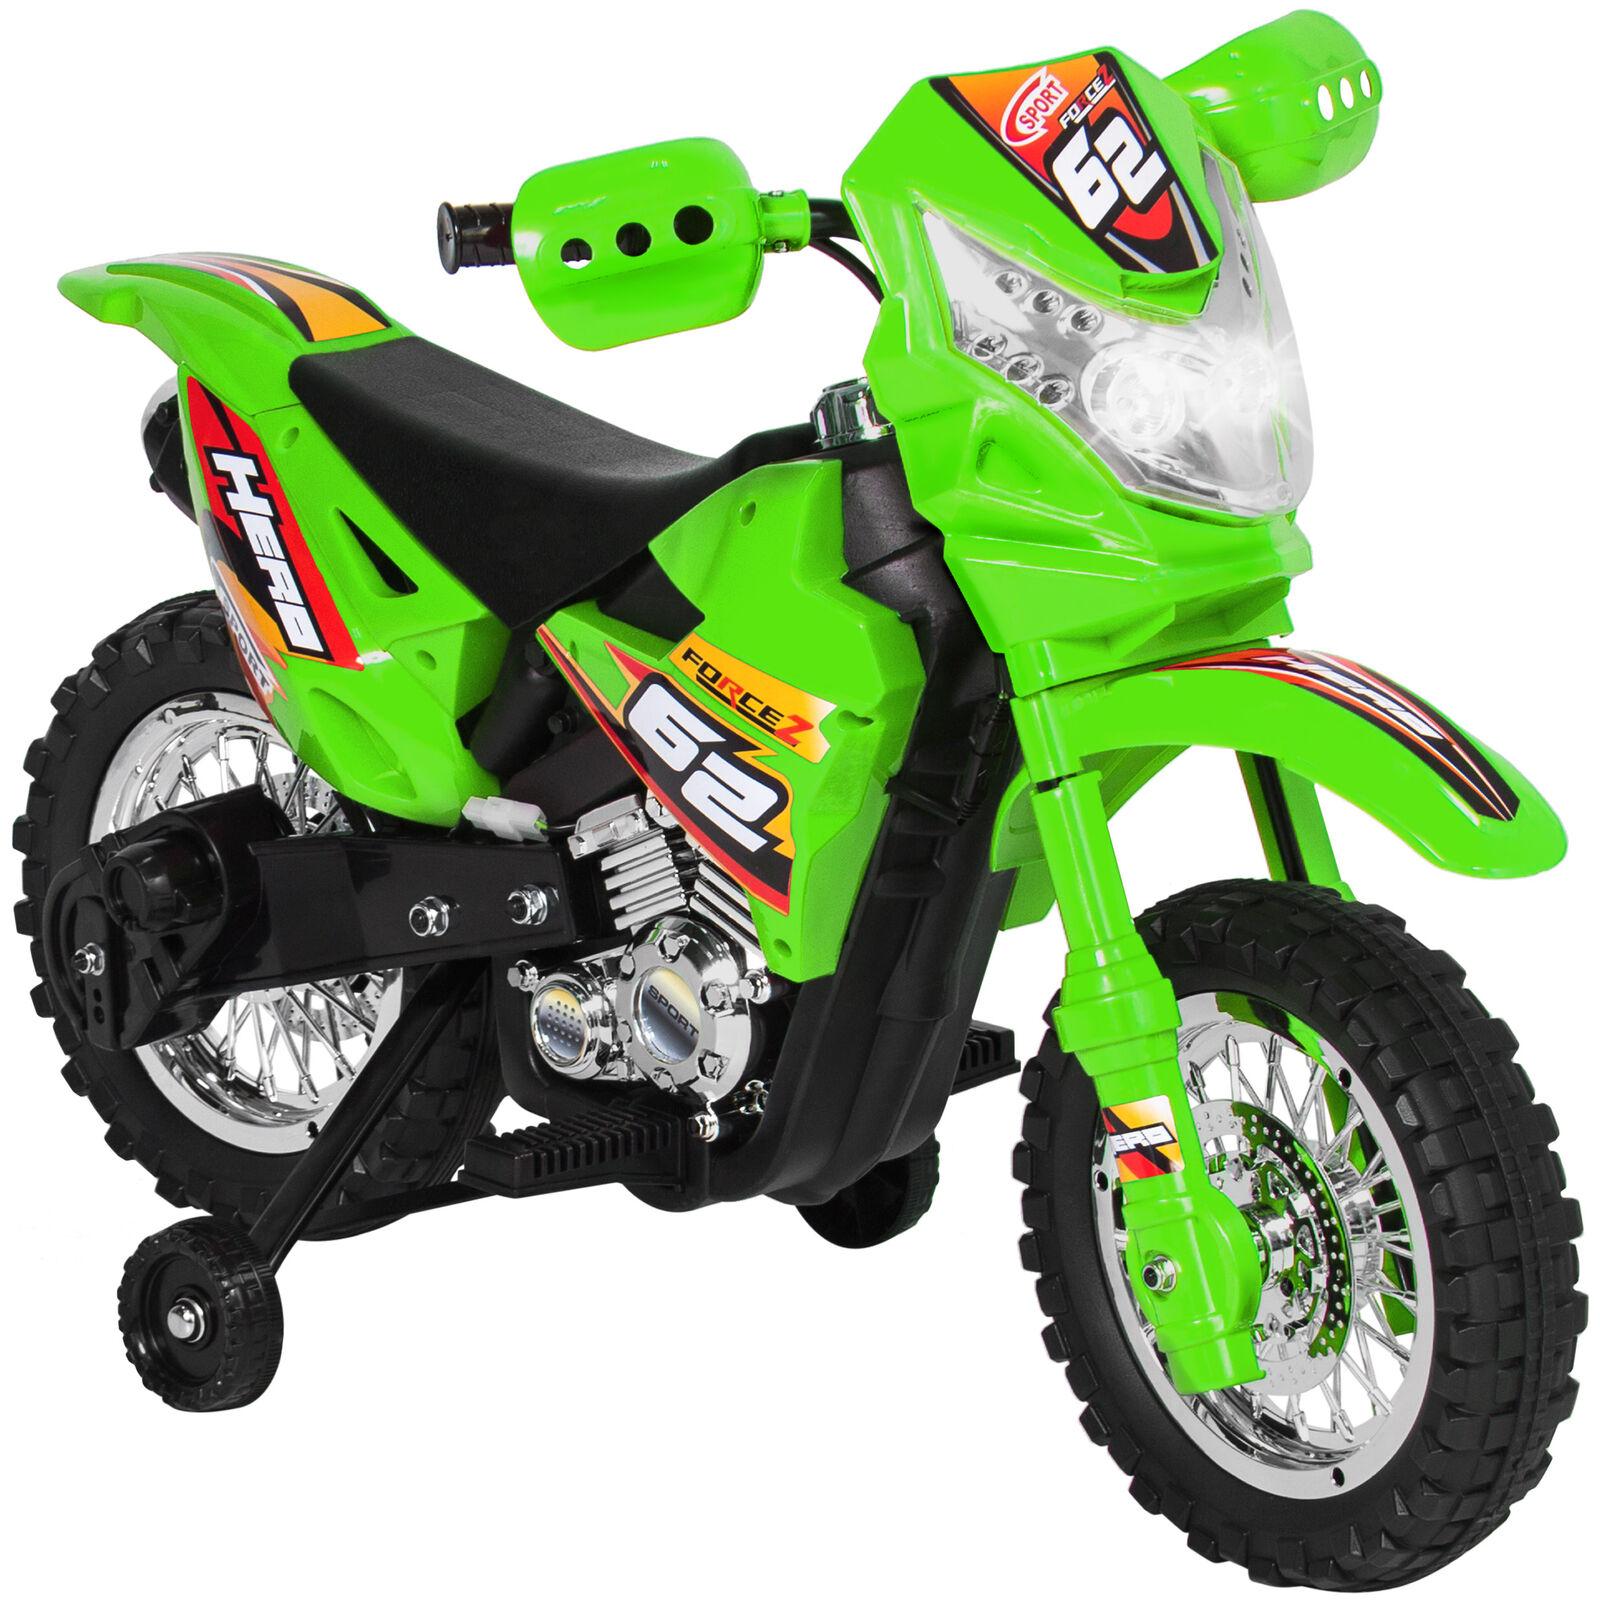 6v kind elektrische batteriebetrieben fahren auf motorrad geländemotorrad mit leichten spaß spielen